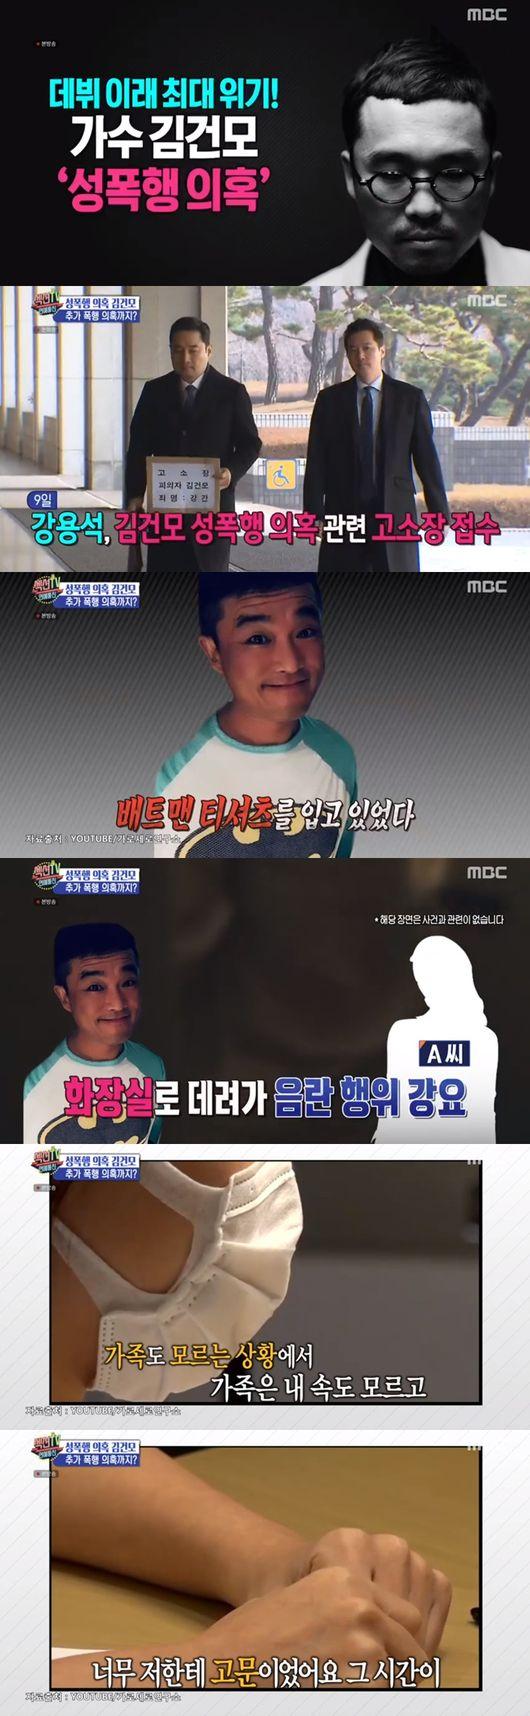 '섹션TV' 김건모, 성폭행에 추가 폭행 의혹? ''폭행 2007년 사건… 공소시효 만료'' [Oh!쎈 리뷰]